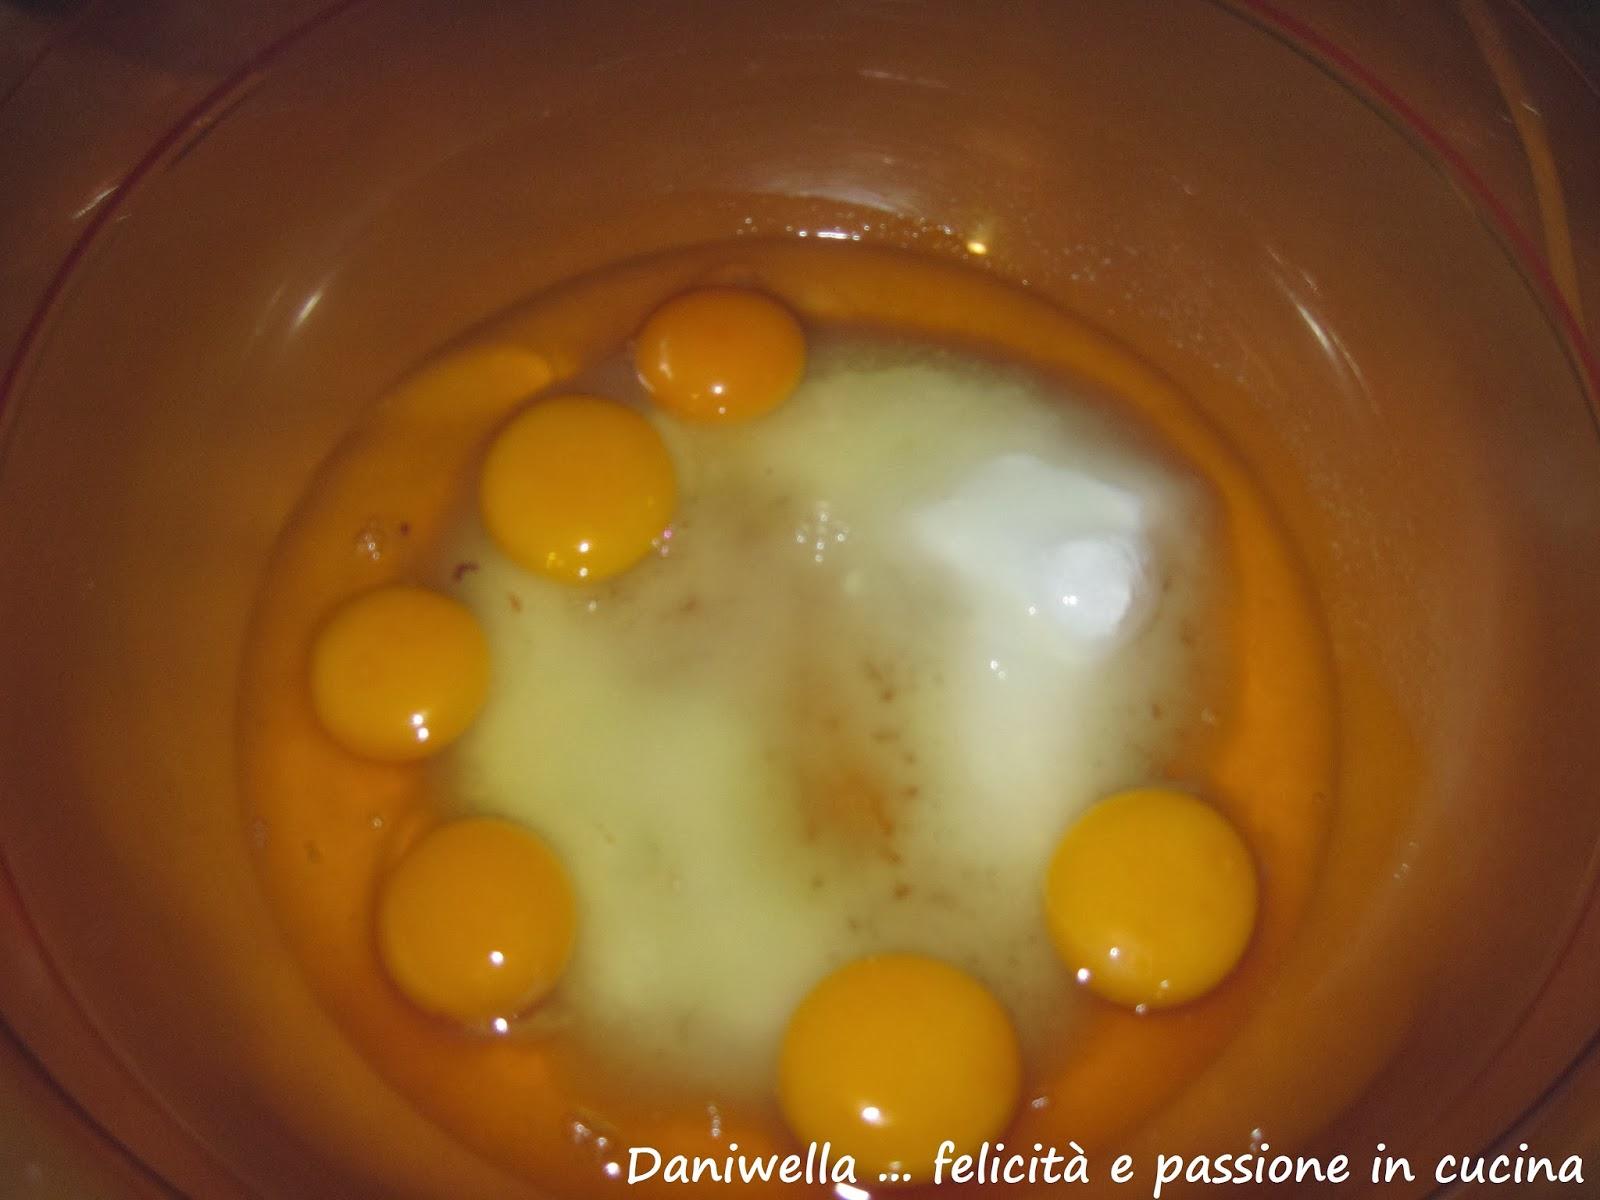 Imburrate e infarinate lo stampo per il Pan di Spagna. Setacciate la farina con il lievito e la vanillina per 3 volte. Accendete il forno alla temperatura di 170/160°. In una ciotola montate le uova, lo zucchero e il sale per 20 minuti.